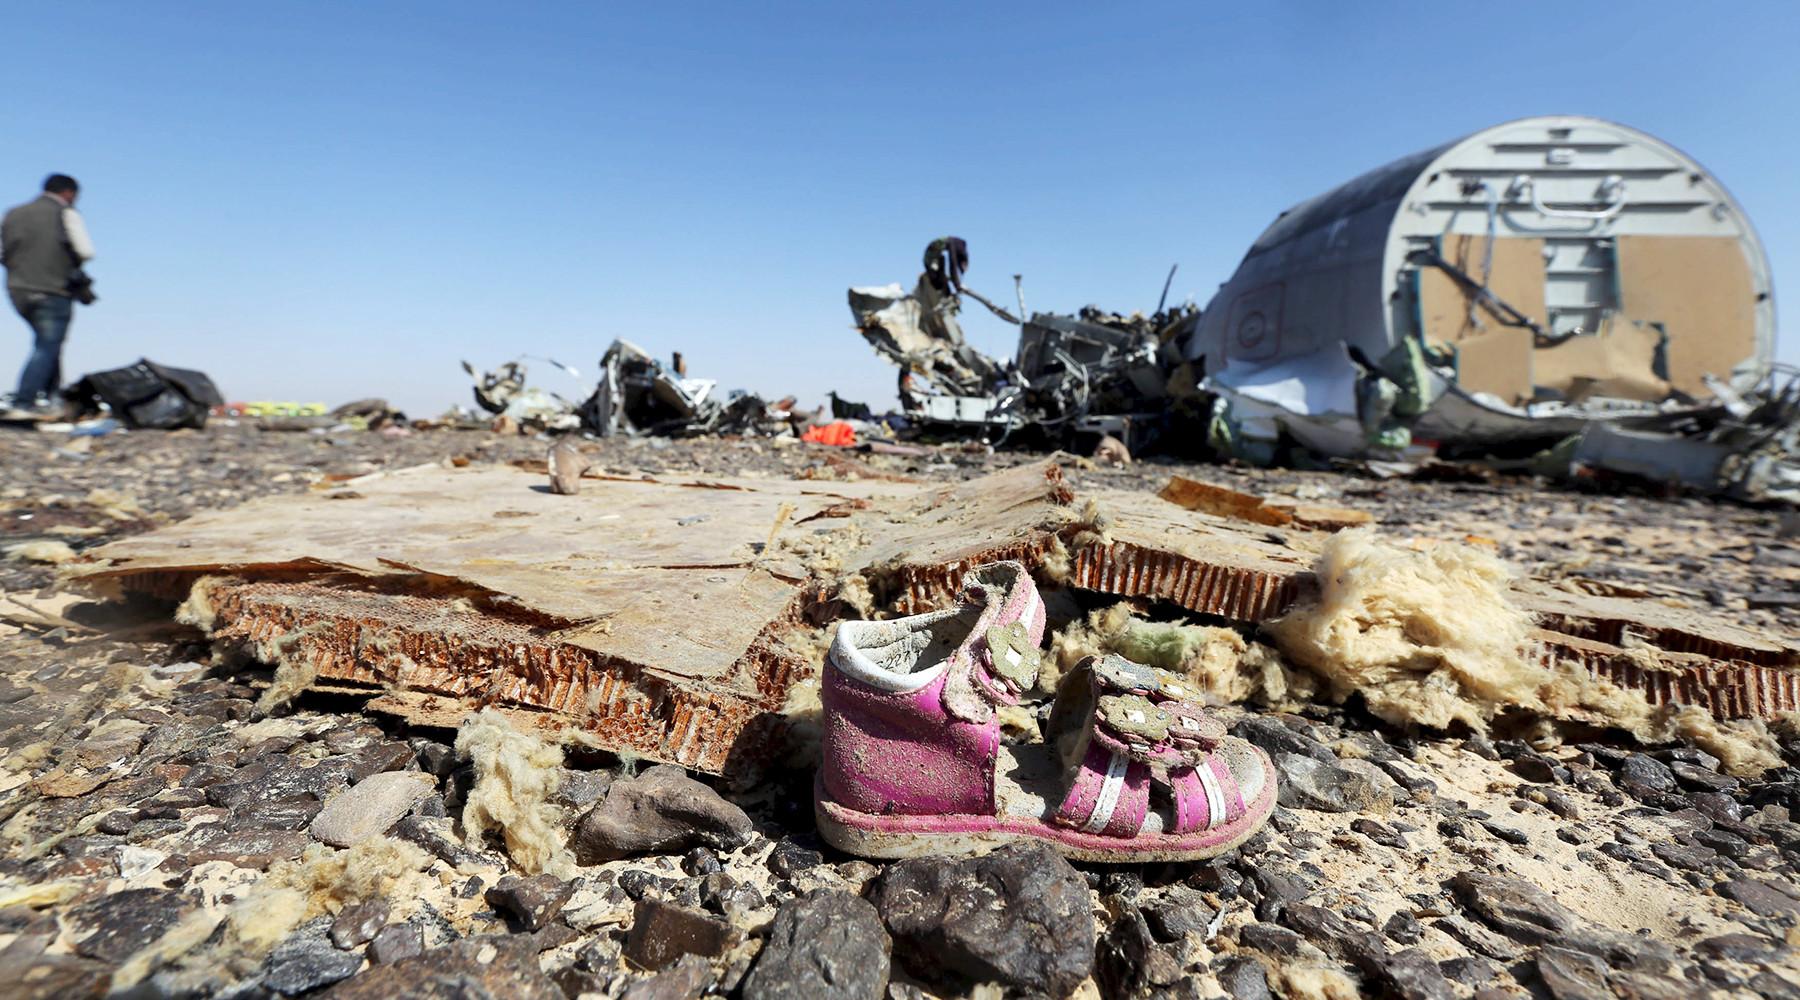 Спор на $700 млн: суд решит вопрос о компенсациях семьям жертв авиакатастрофы над Синаем